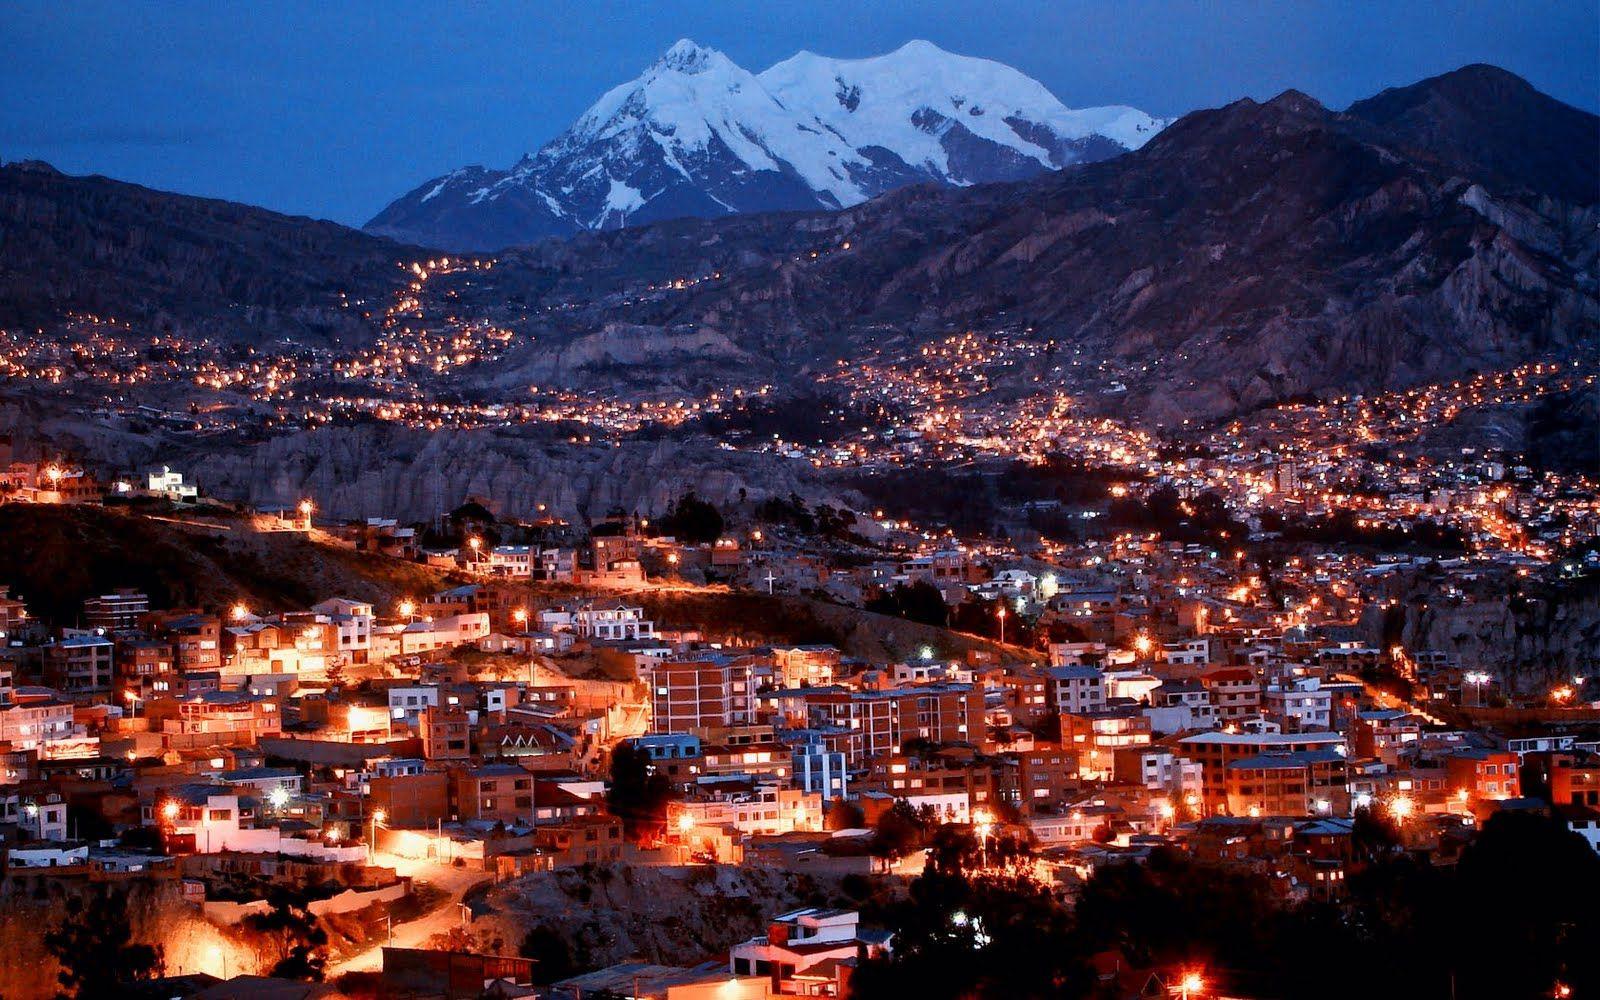 La Paz Bolivia 1680 X 1050 Wallpaper Hd Desktop Wallpaper La Paz Breathtaking Places City